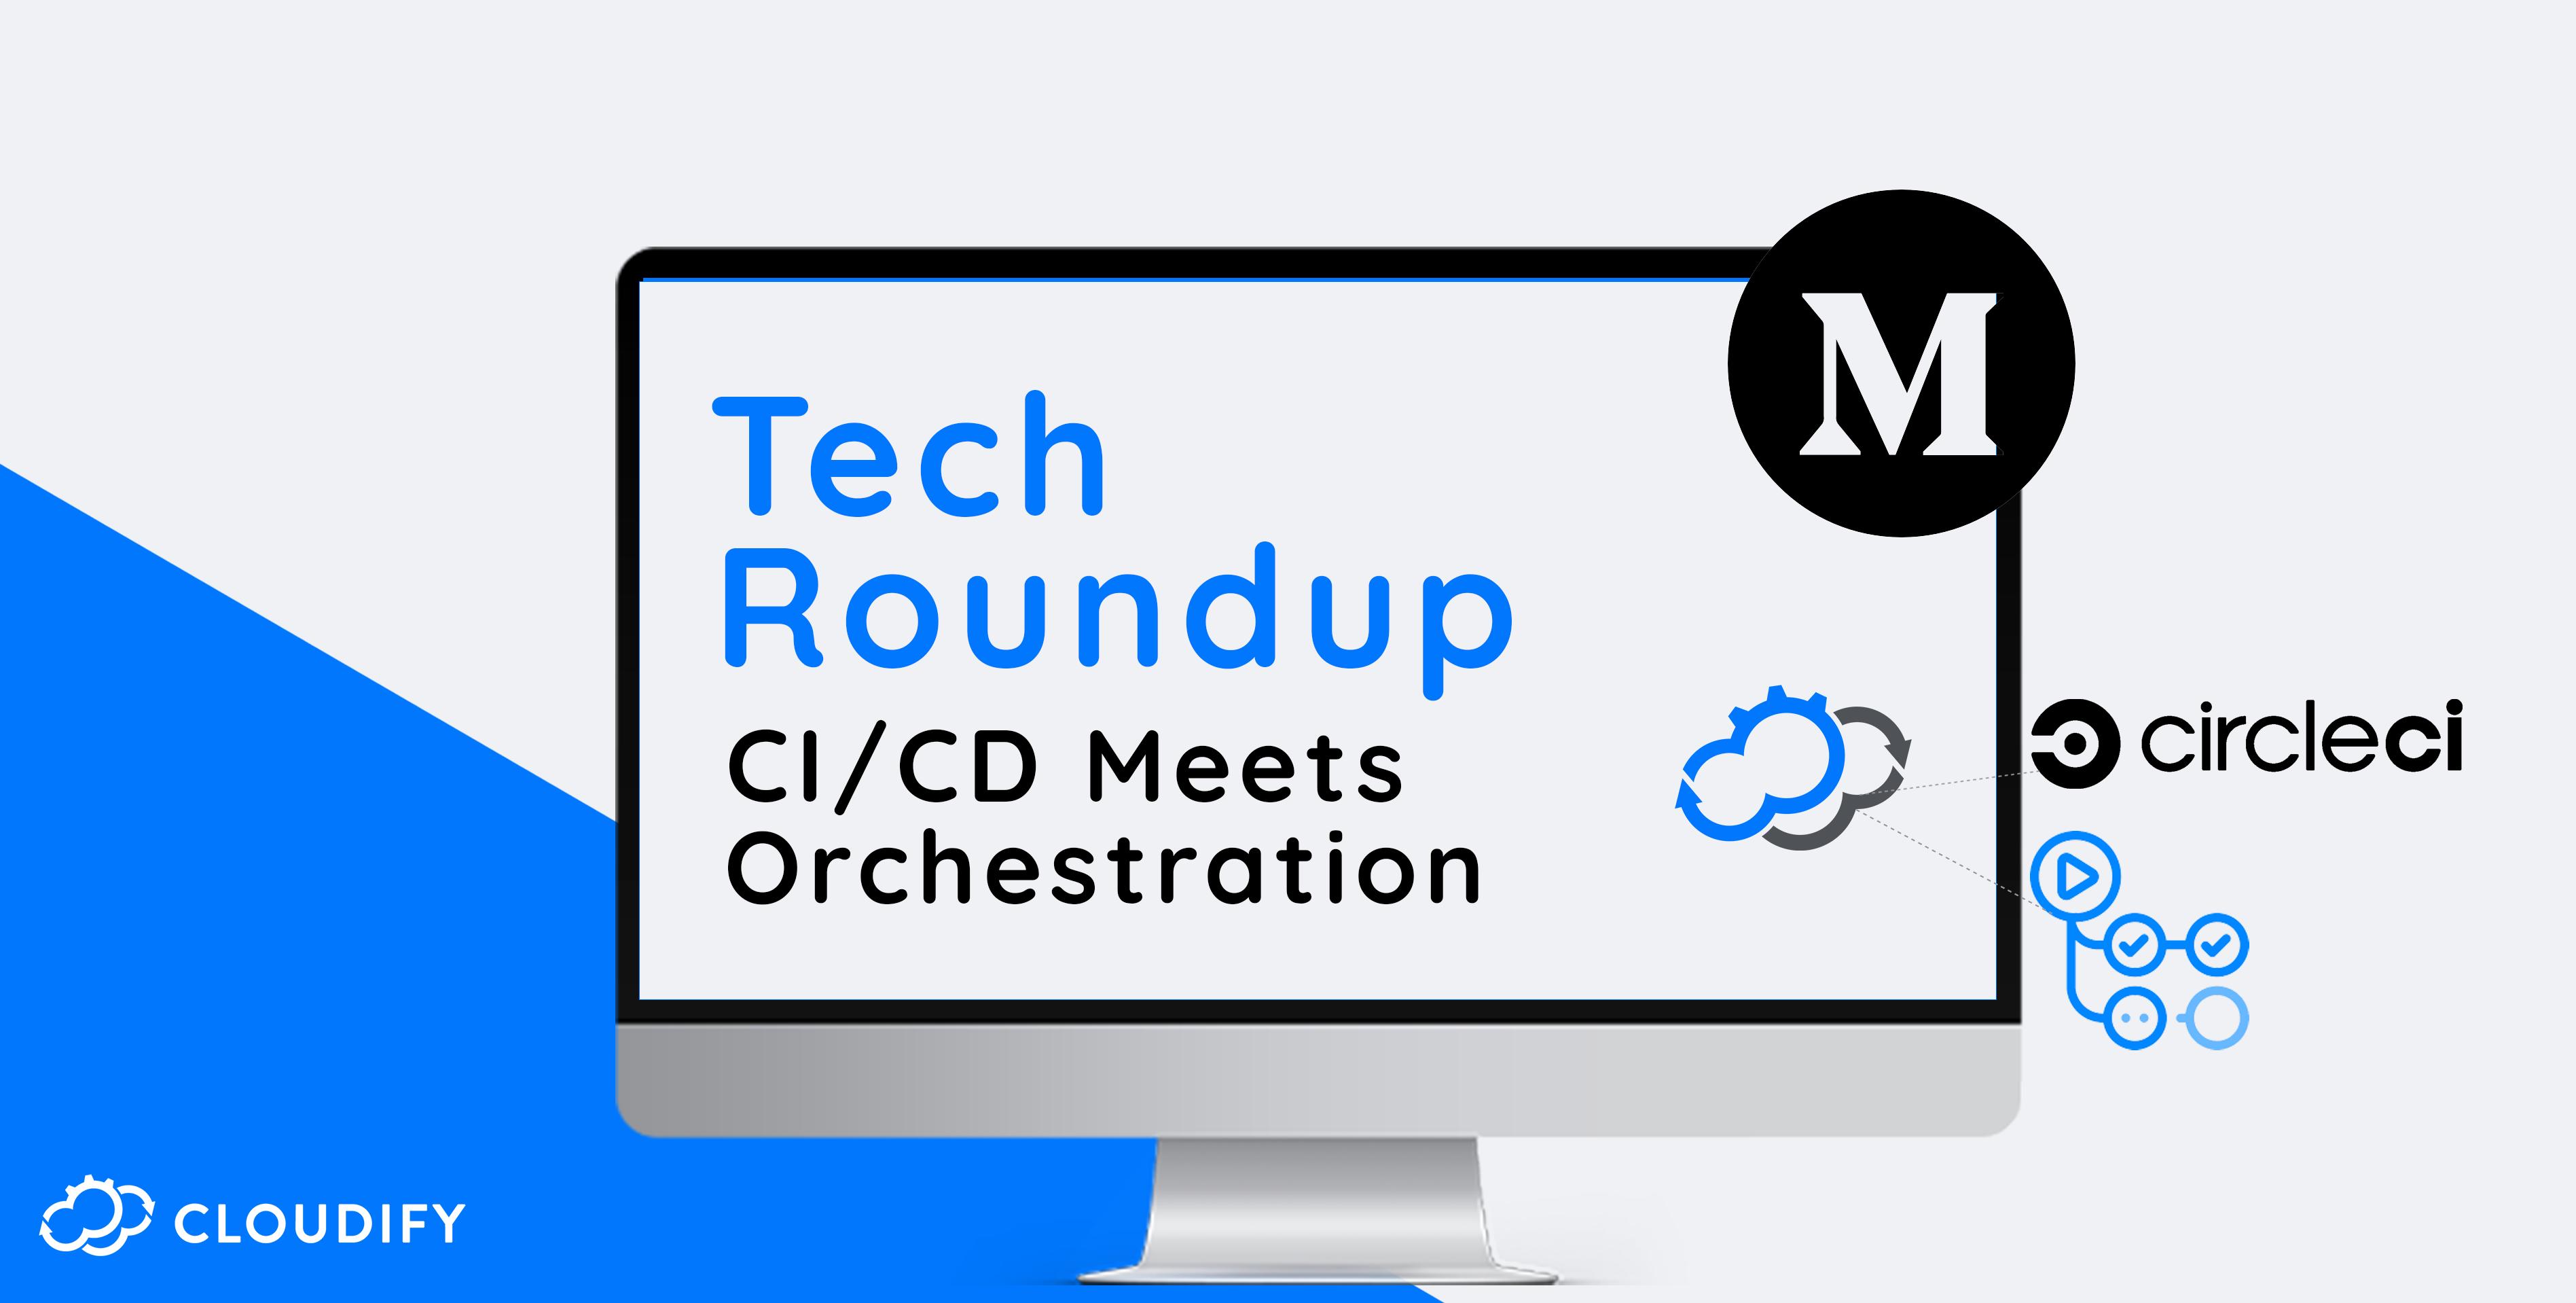 CI/CD Orchestration: Cloudify, GitHub, CircleCI